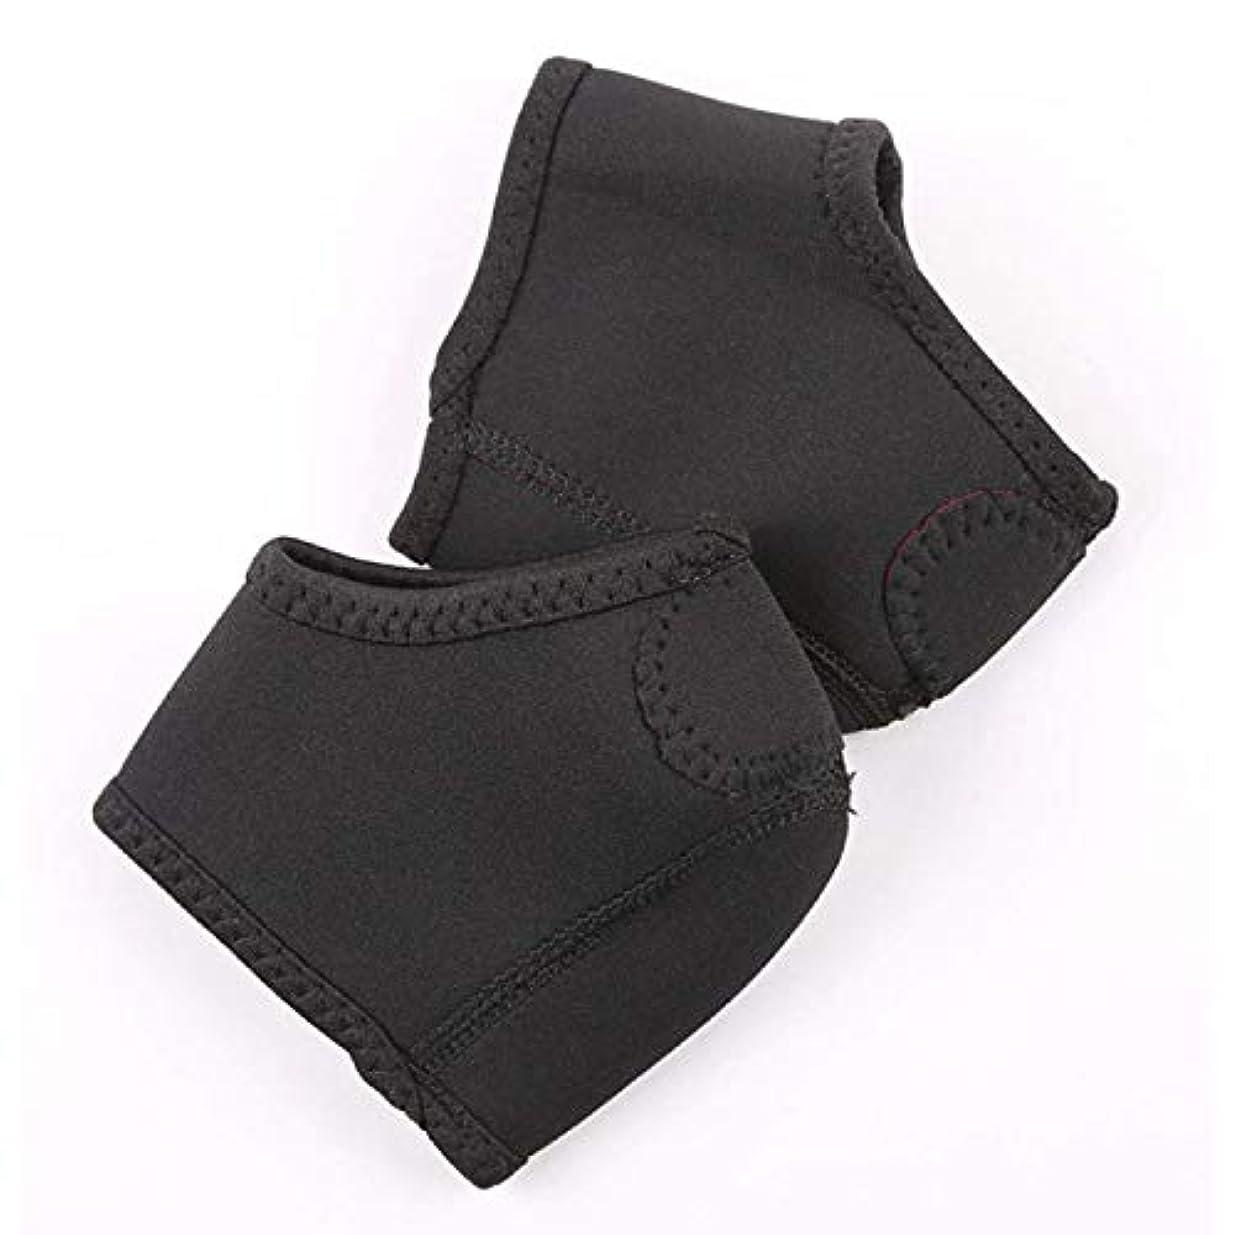 増幅葉っぱ浸す2個 セット しっかりフィット タイプ 保護 靴下 足用 カバー ソックス インソール パッド 衝撃吸収 踵 足裂